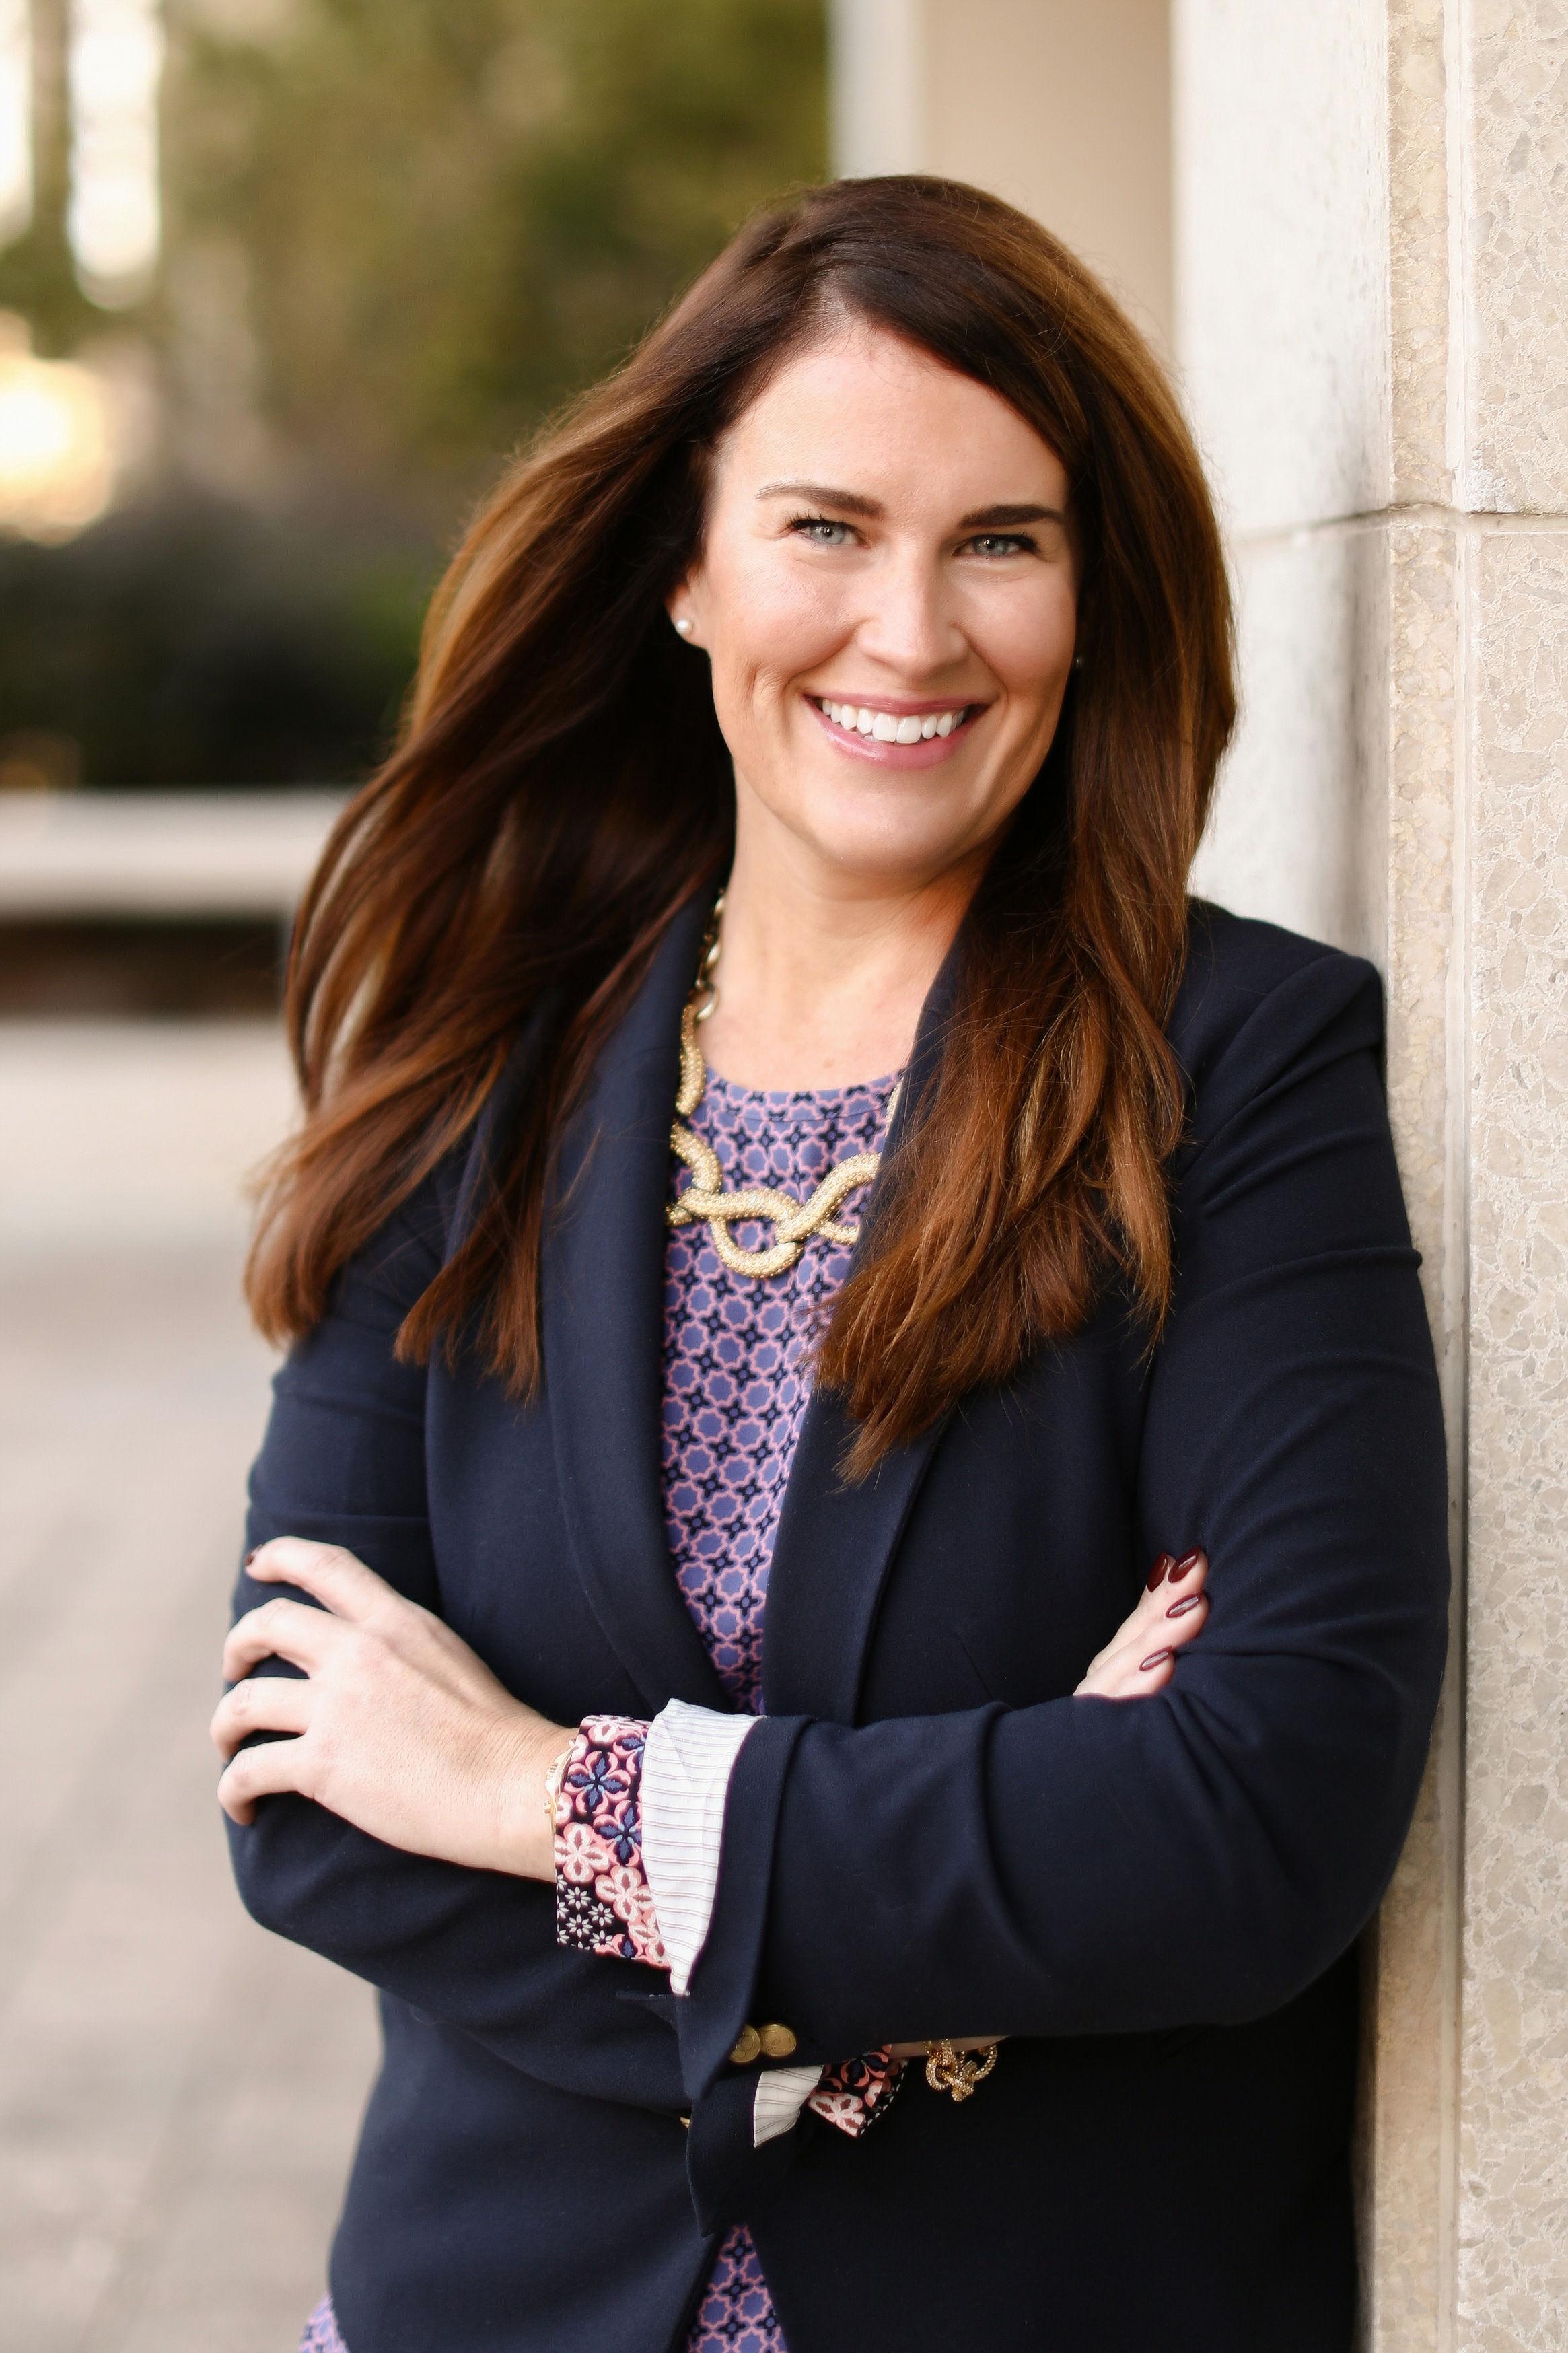 Beth Green, Managing Partner